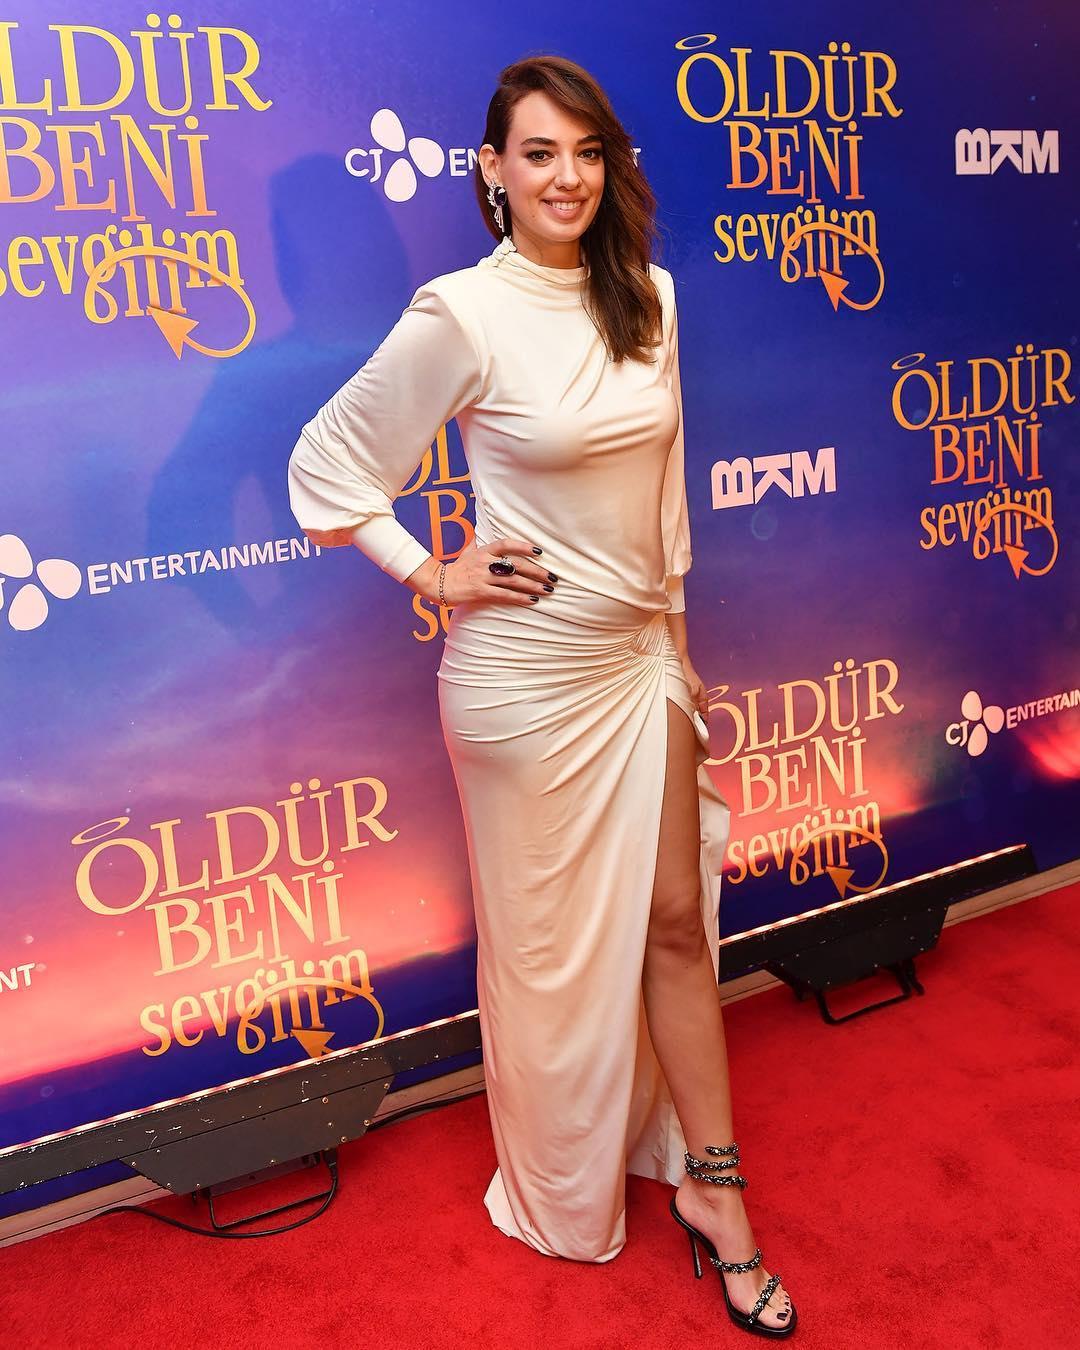 """Başarılı oyuncu Seda Bakan """"Öldür Beni Sevgilim"""" galasında giydiği sexy beyaz kıyafeti ve güzelliğiyle büyüledi. HD foto galeri için buraya tıklayın."""